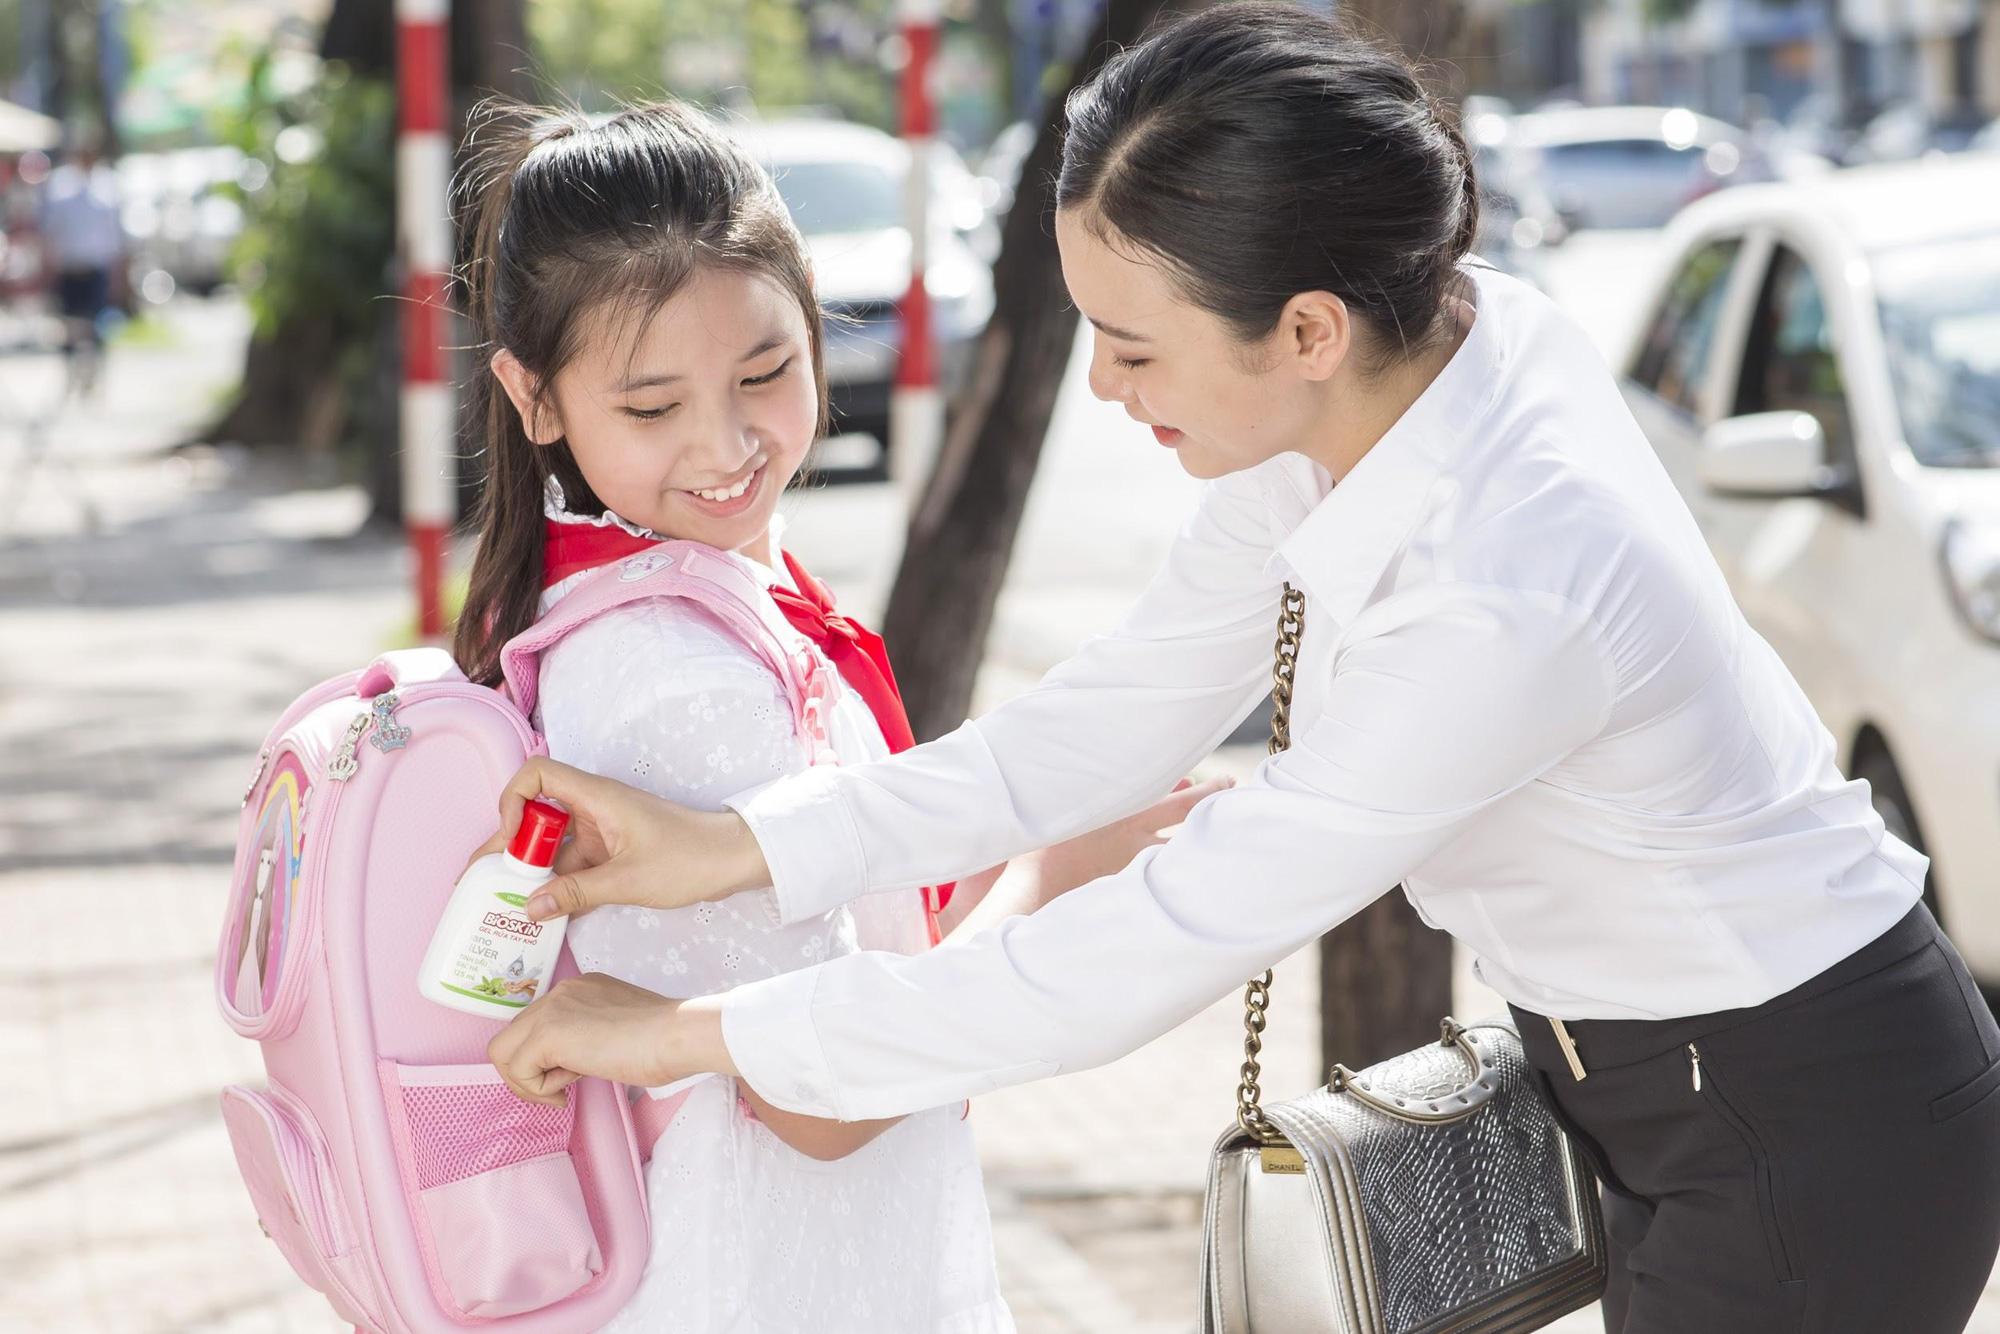 """Ba mẹ cần làm gì để bảo vệ sức khỏe gia đình trong giai đoạn """"bình thường mới - Ảnh 3."""